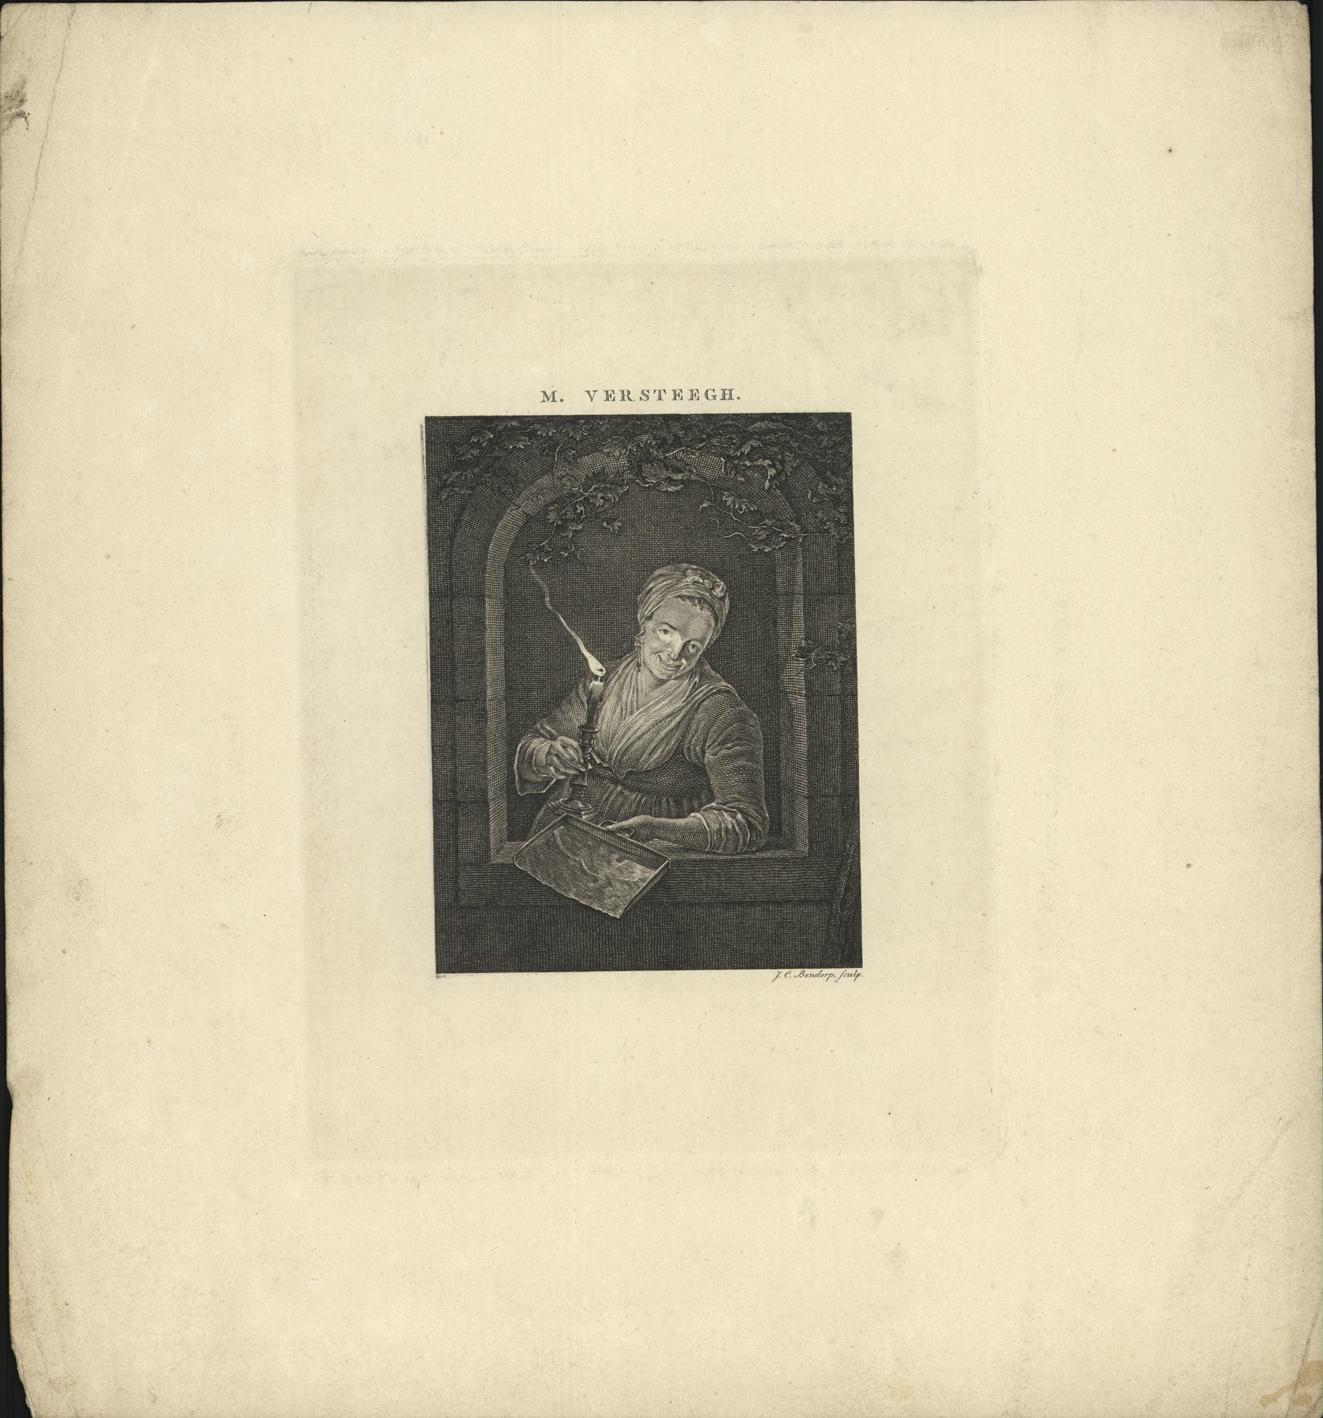 Vrouw met stofblik in een nis bij kaarslicht.